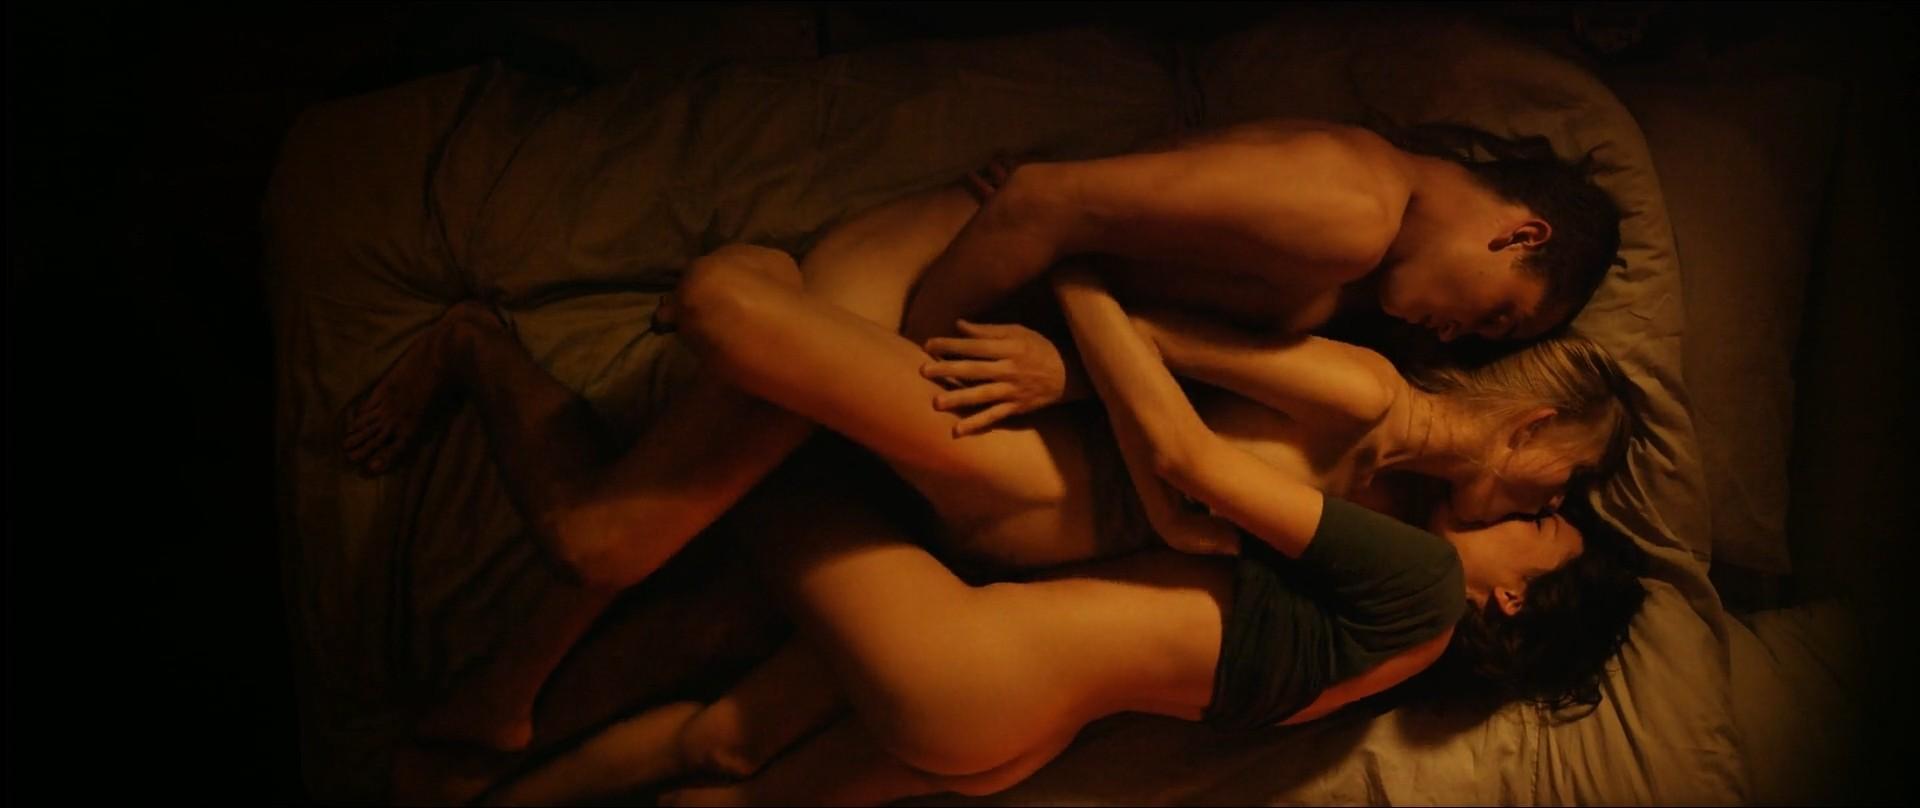 filmi-o-seksualnoy-lyubvi-na-russkom